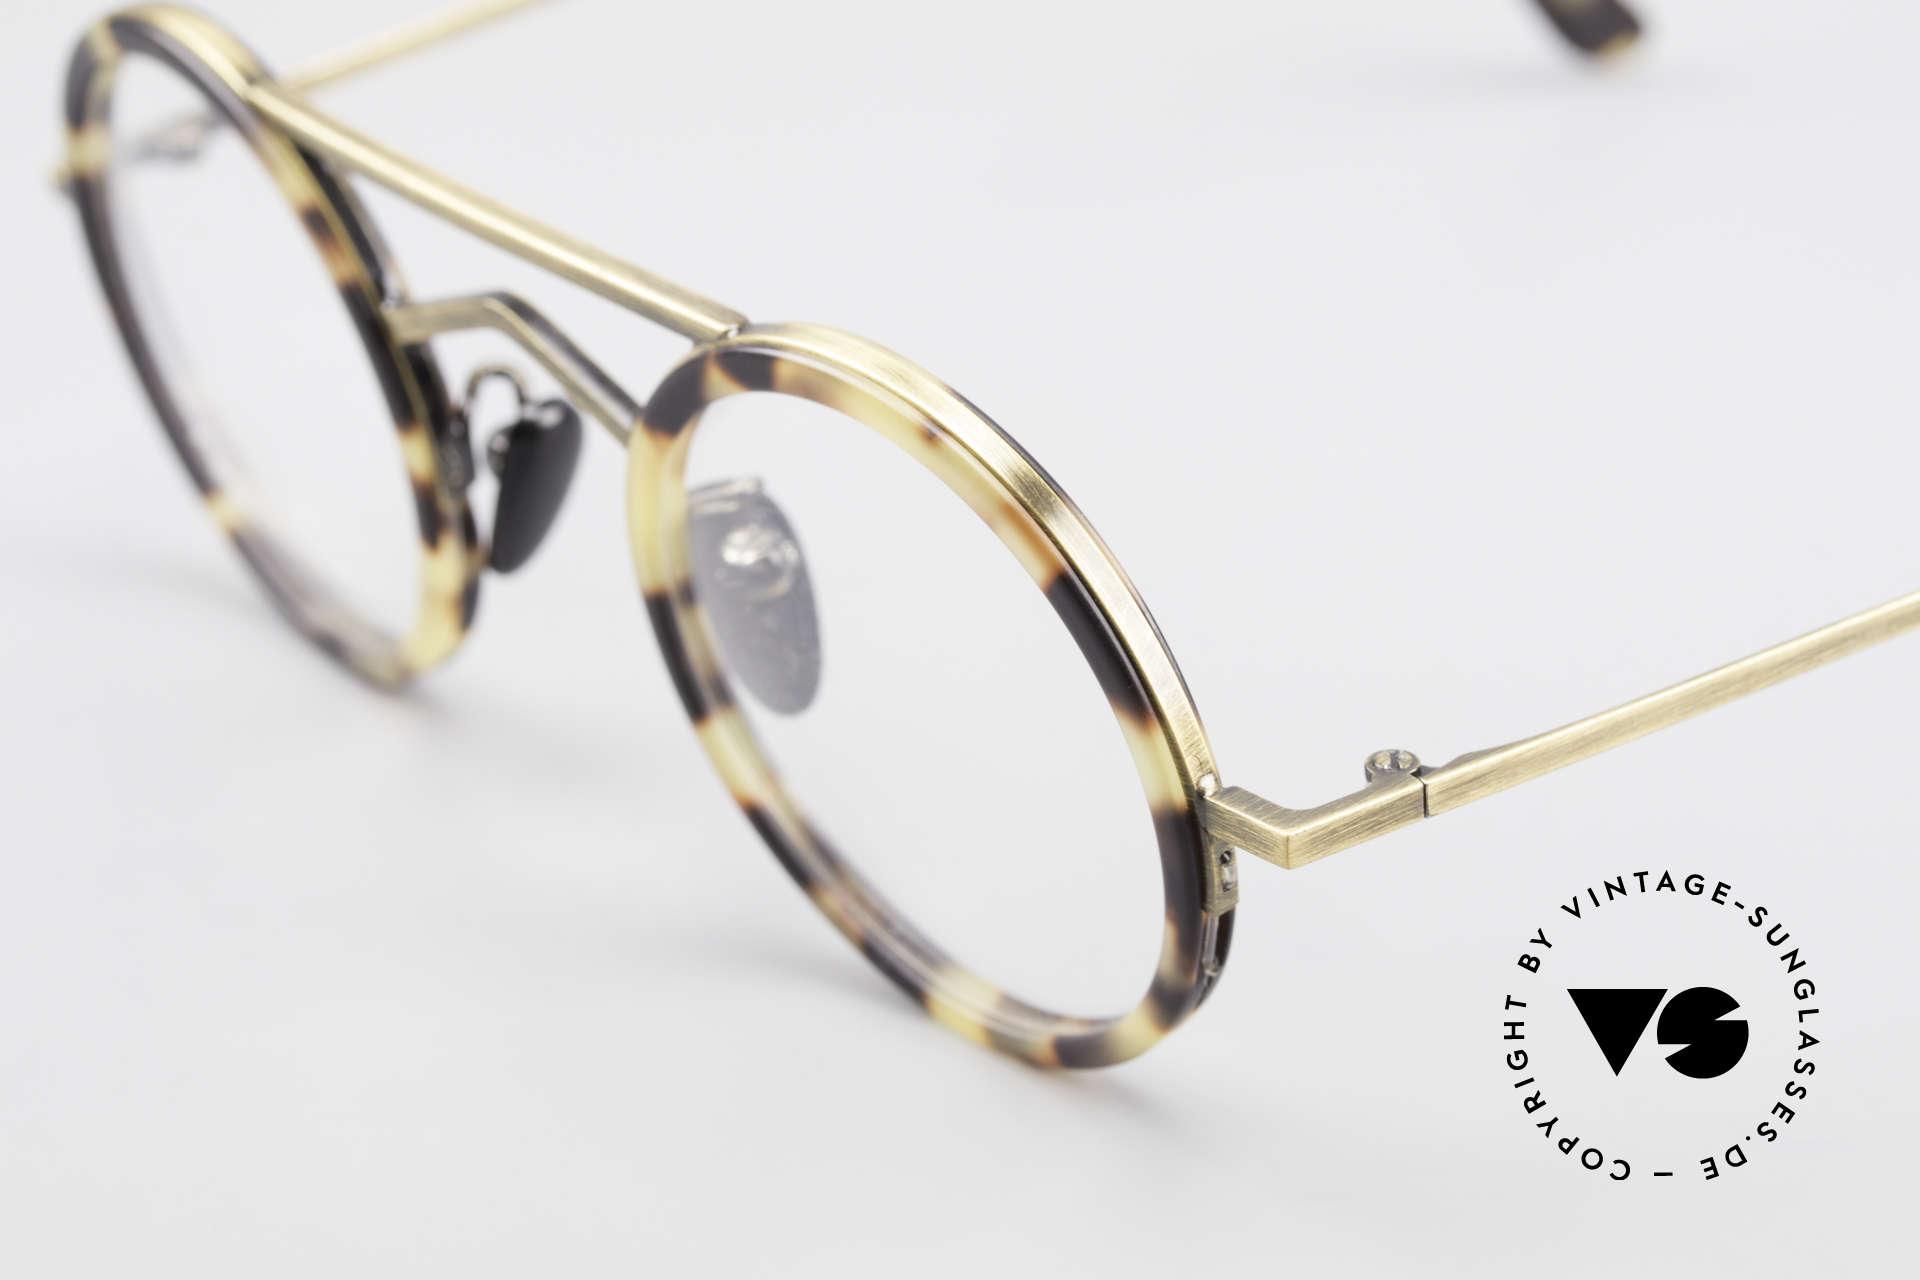 Gianni Versace 620 Runde 90er Vintage Brille, klassisch, runde Gläser in extravagantem Gewand, Passend für Herren und Damen